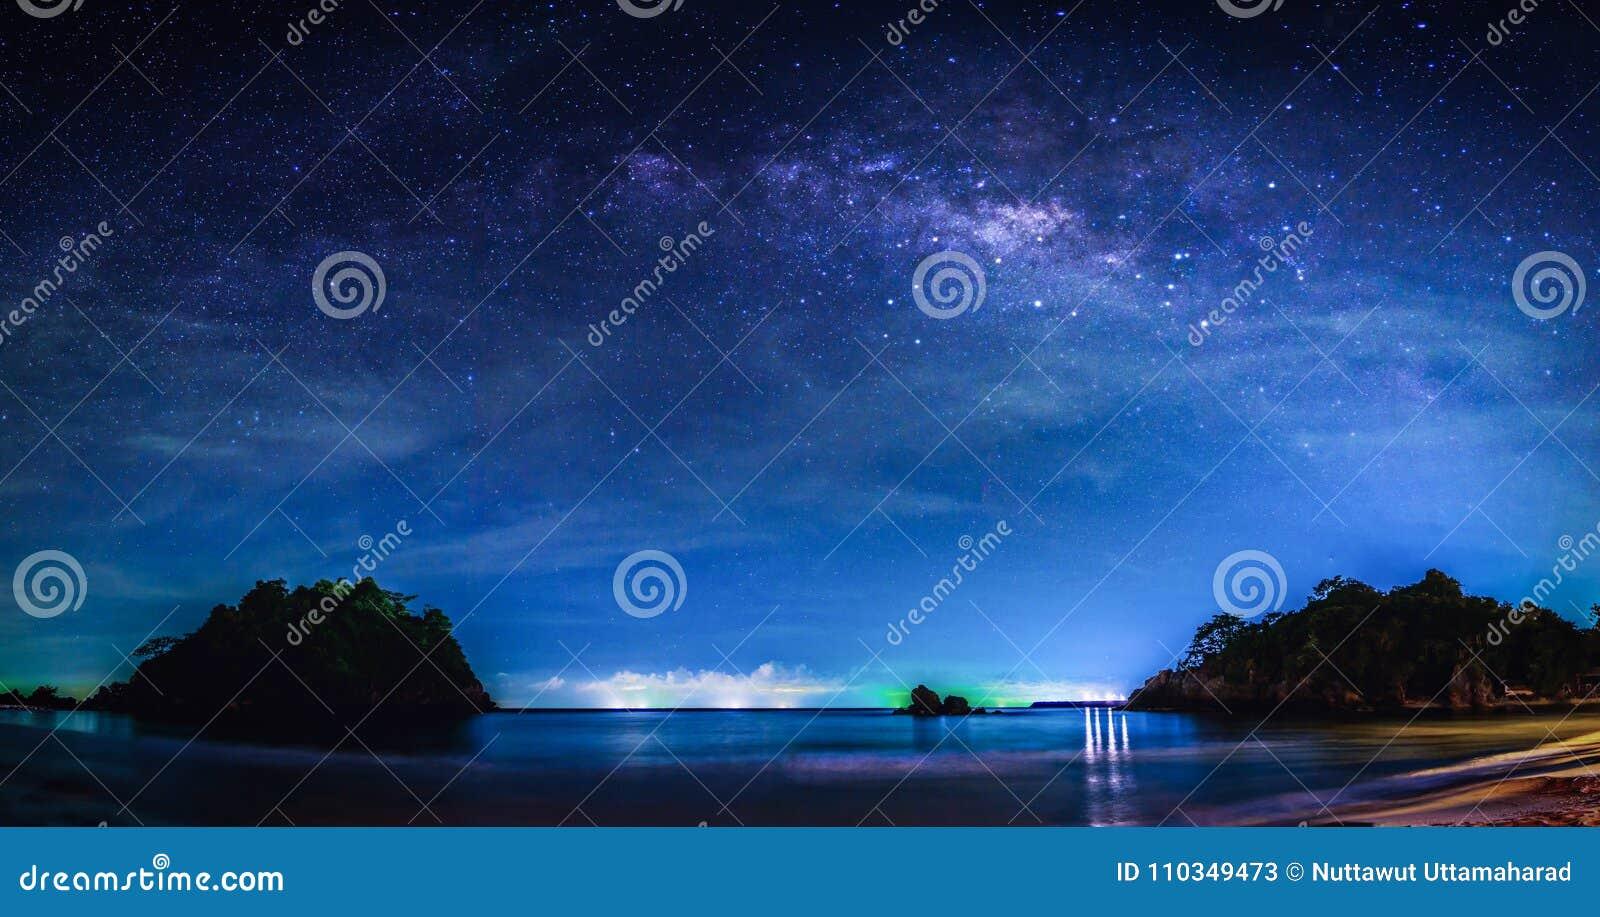 Paysage avec la galaxie de manière laiteuse Ciel nocturne avec des étoiles et laiteux